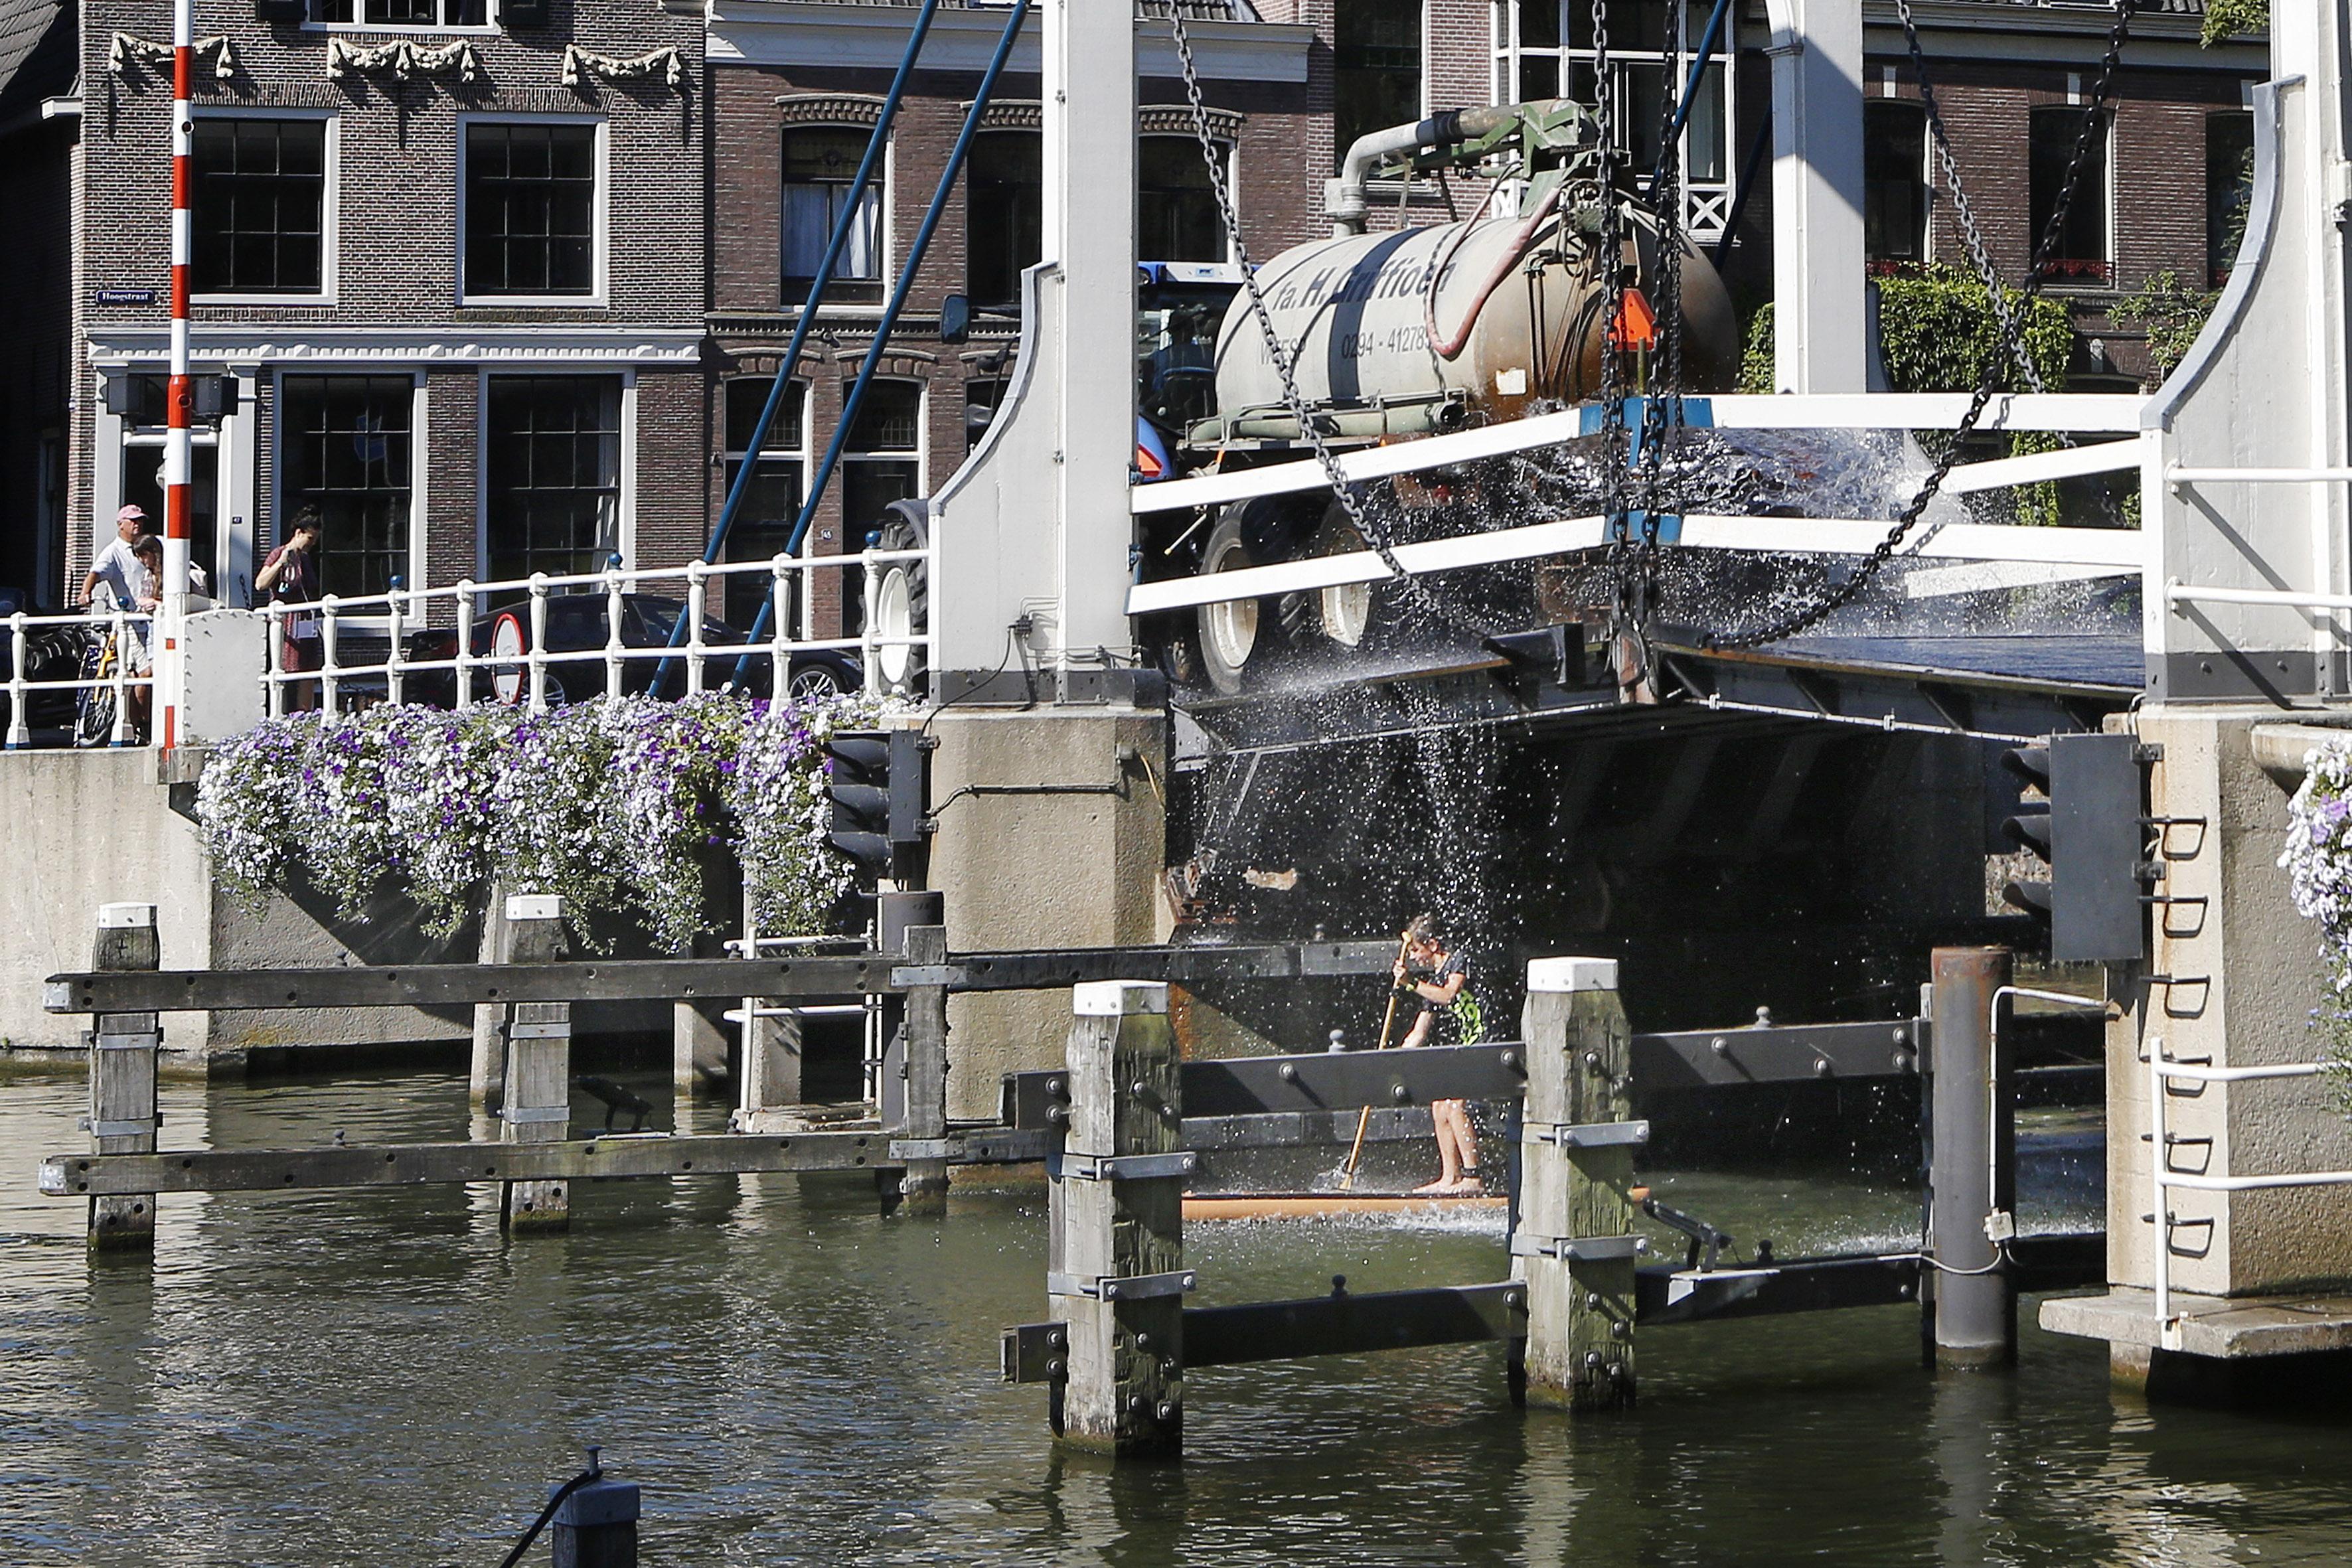 Verkoelende plens water voor alle bruggen in Weesp. Ook supper houdt het hoofd koel